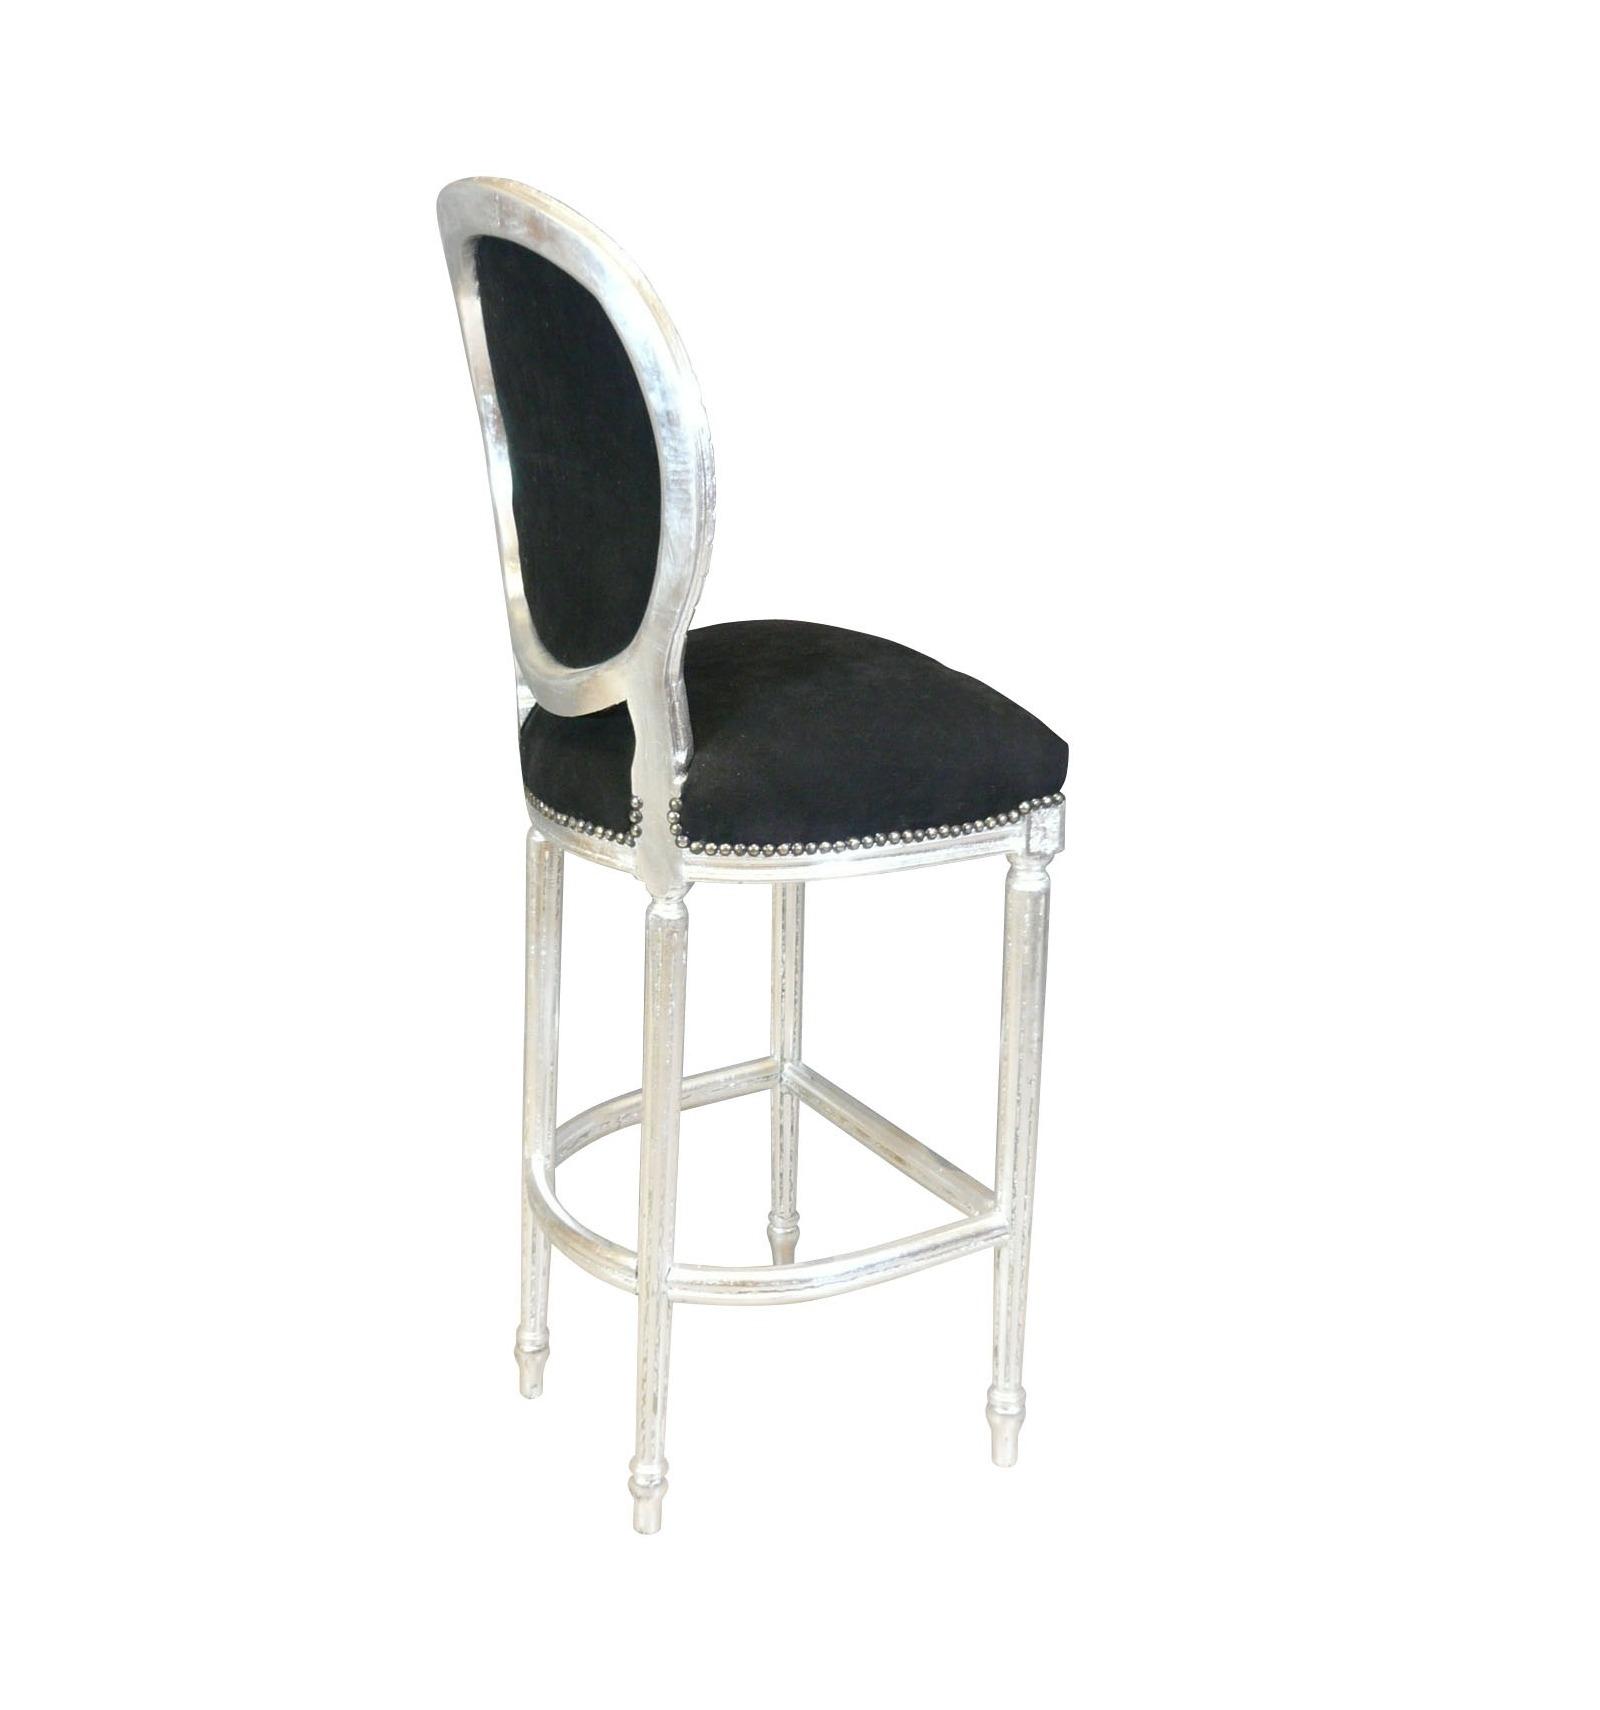 Chaise de bar baroque de style louis xvi noire et argent for Chaise de style